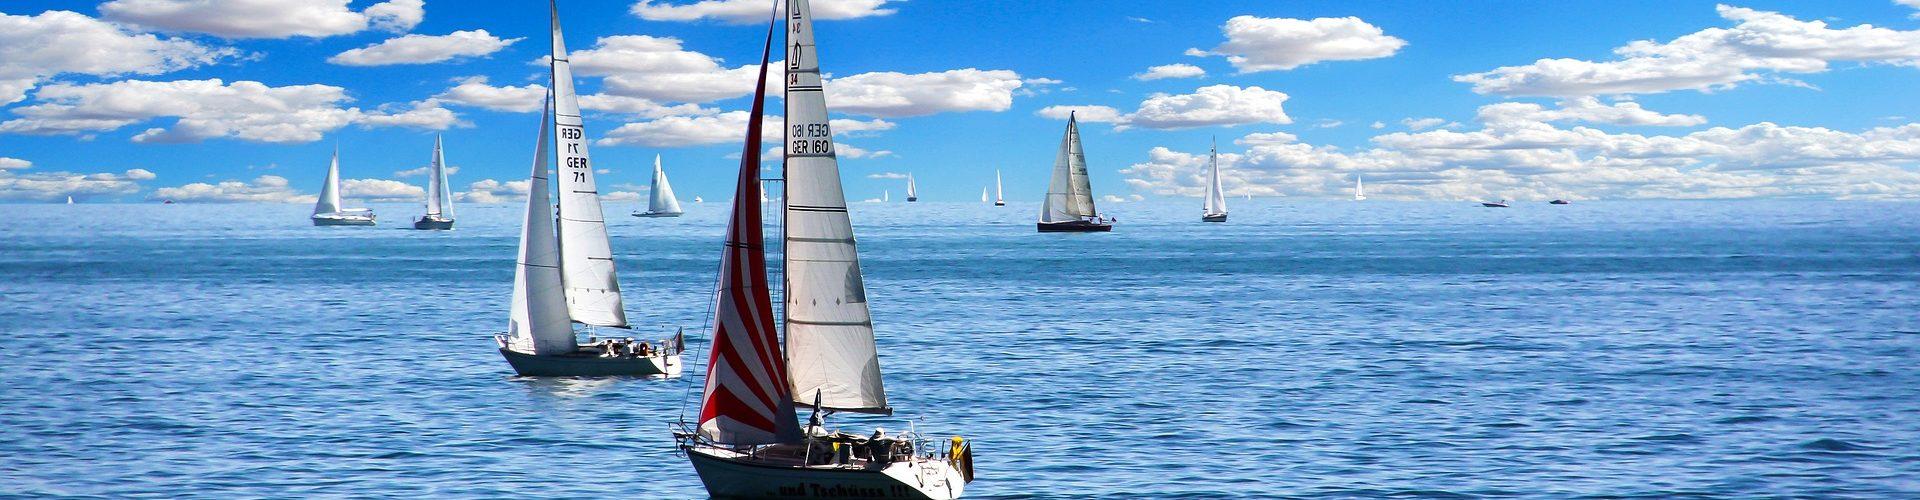 segeln lernen in Breisach am Rhein segelschein machen in Breisach am Rhein 1920x500 - Segeln lernen in Breisach am Rhein